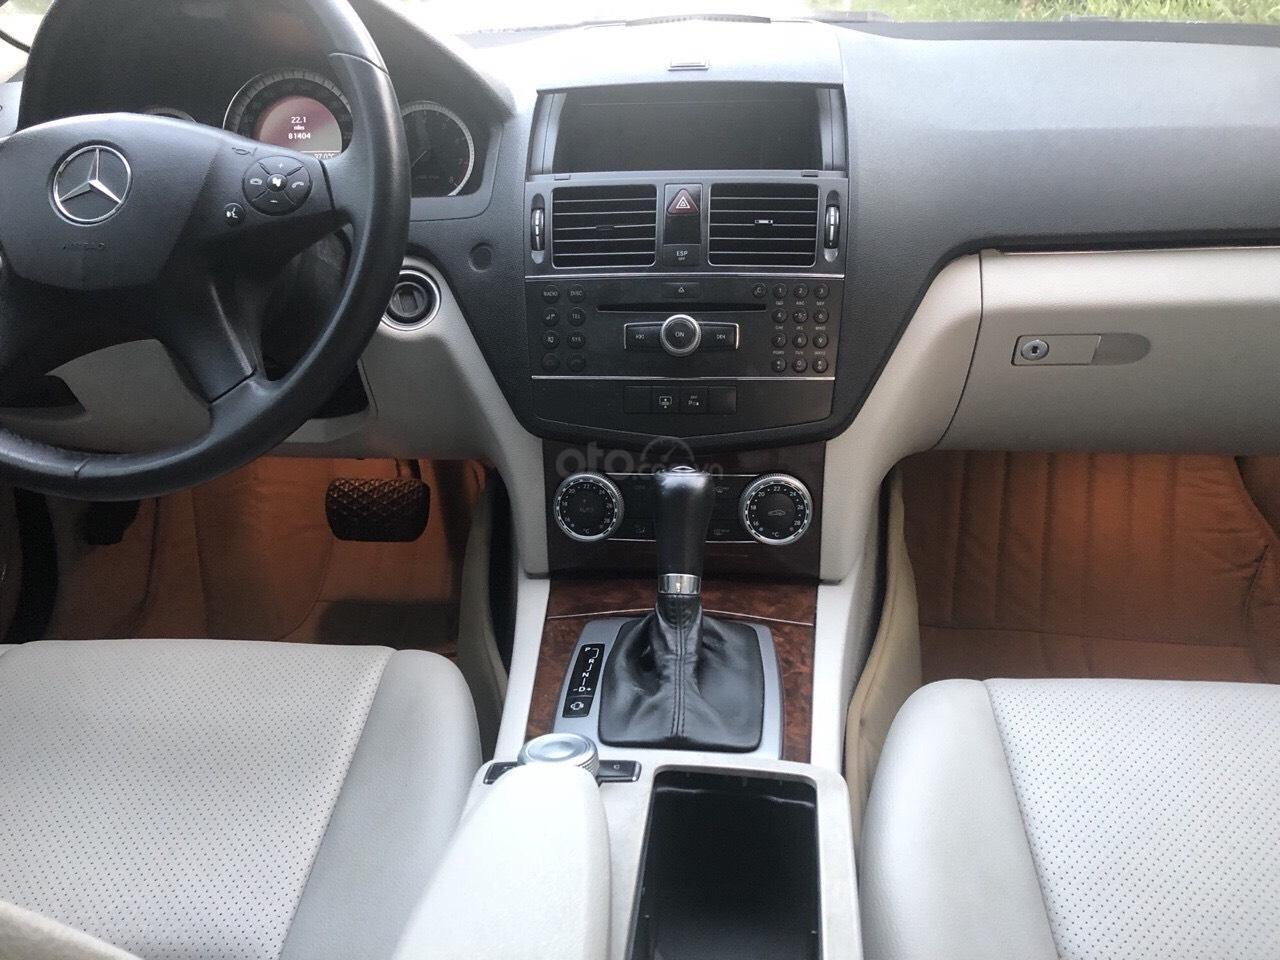 Cần bán Mercedes C200 đời 2009, màu xám, xe đẹp xuất sắc (10)